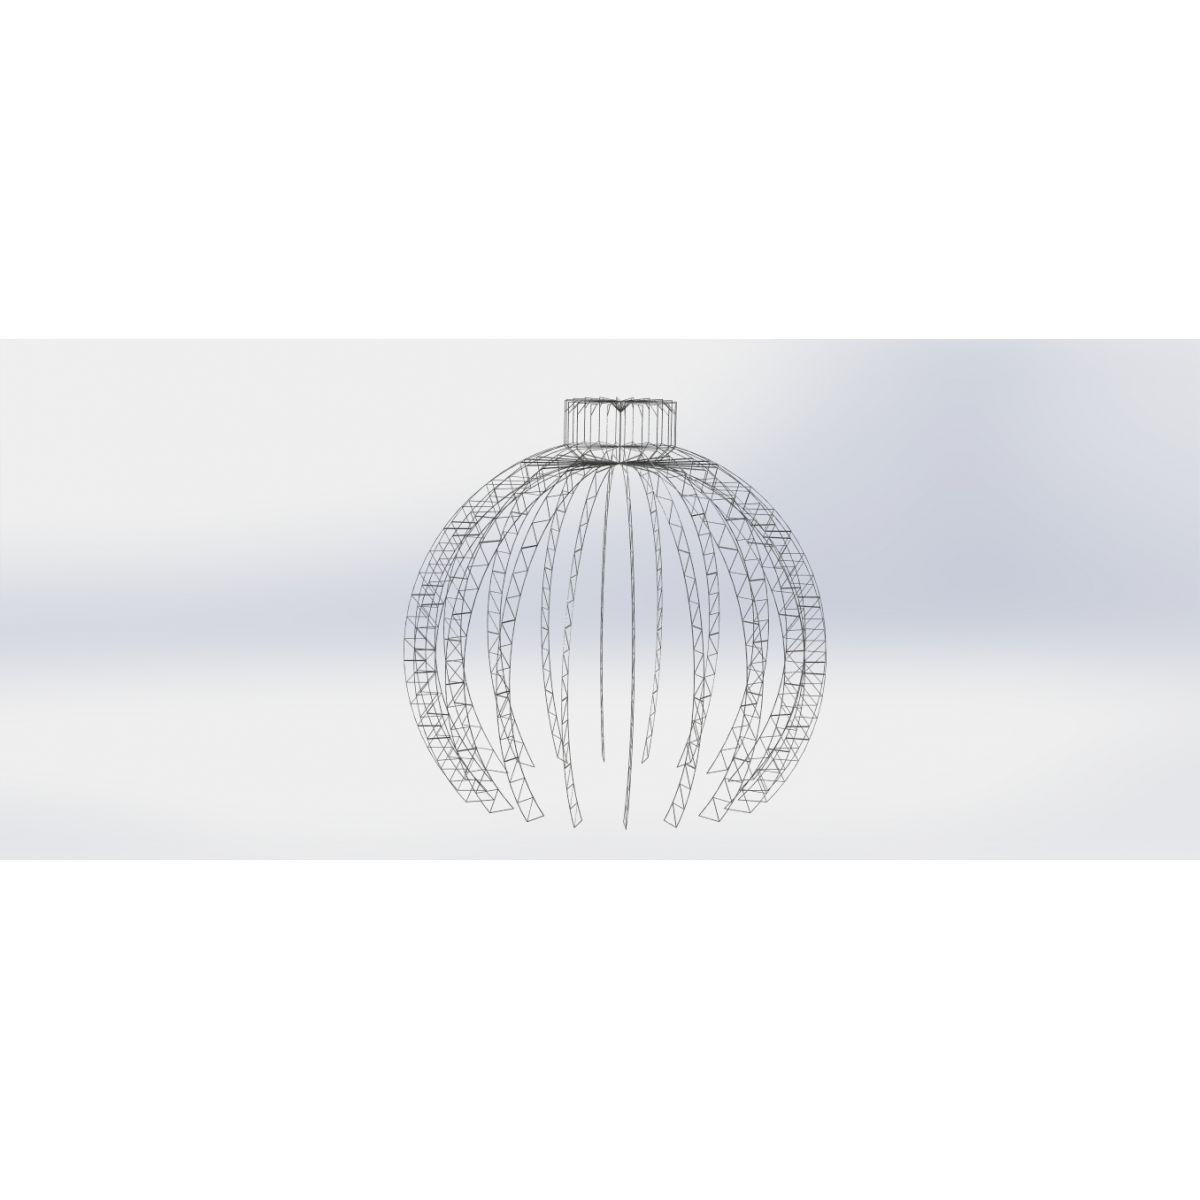 Bola de Natal 6 a 20 metros Decorativa Gigante em Led Europa